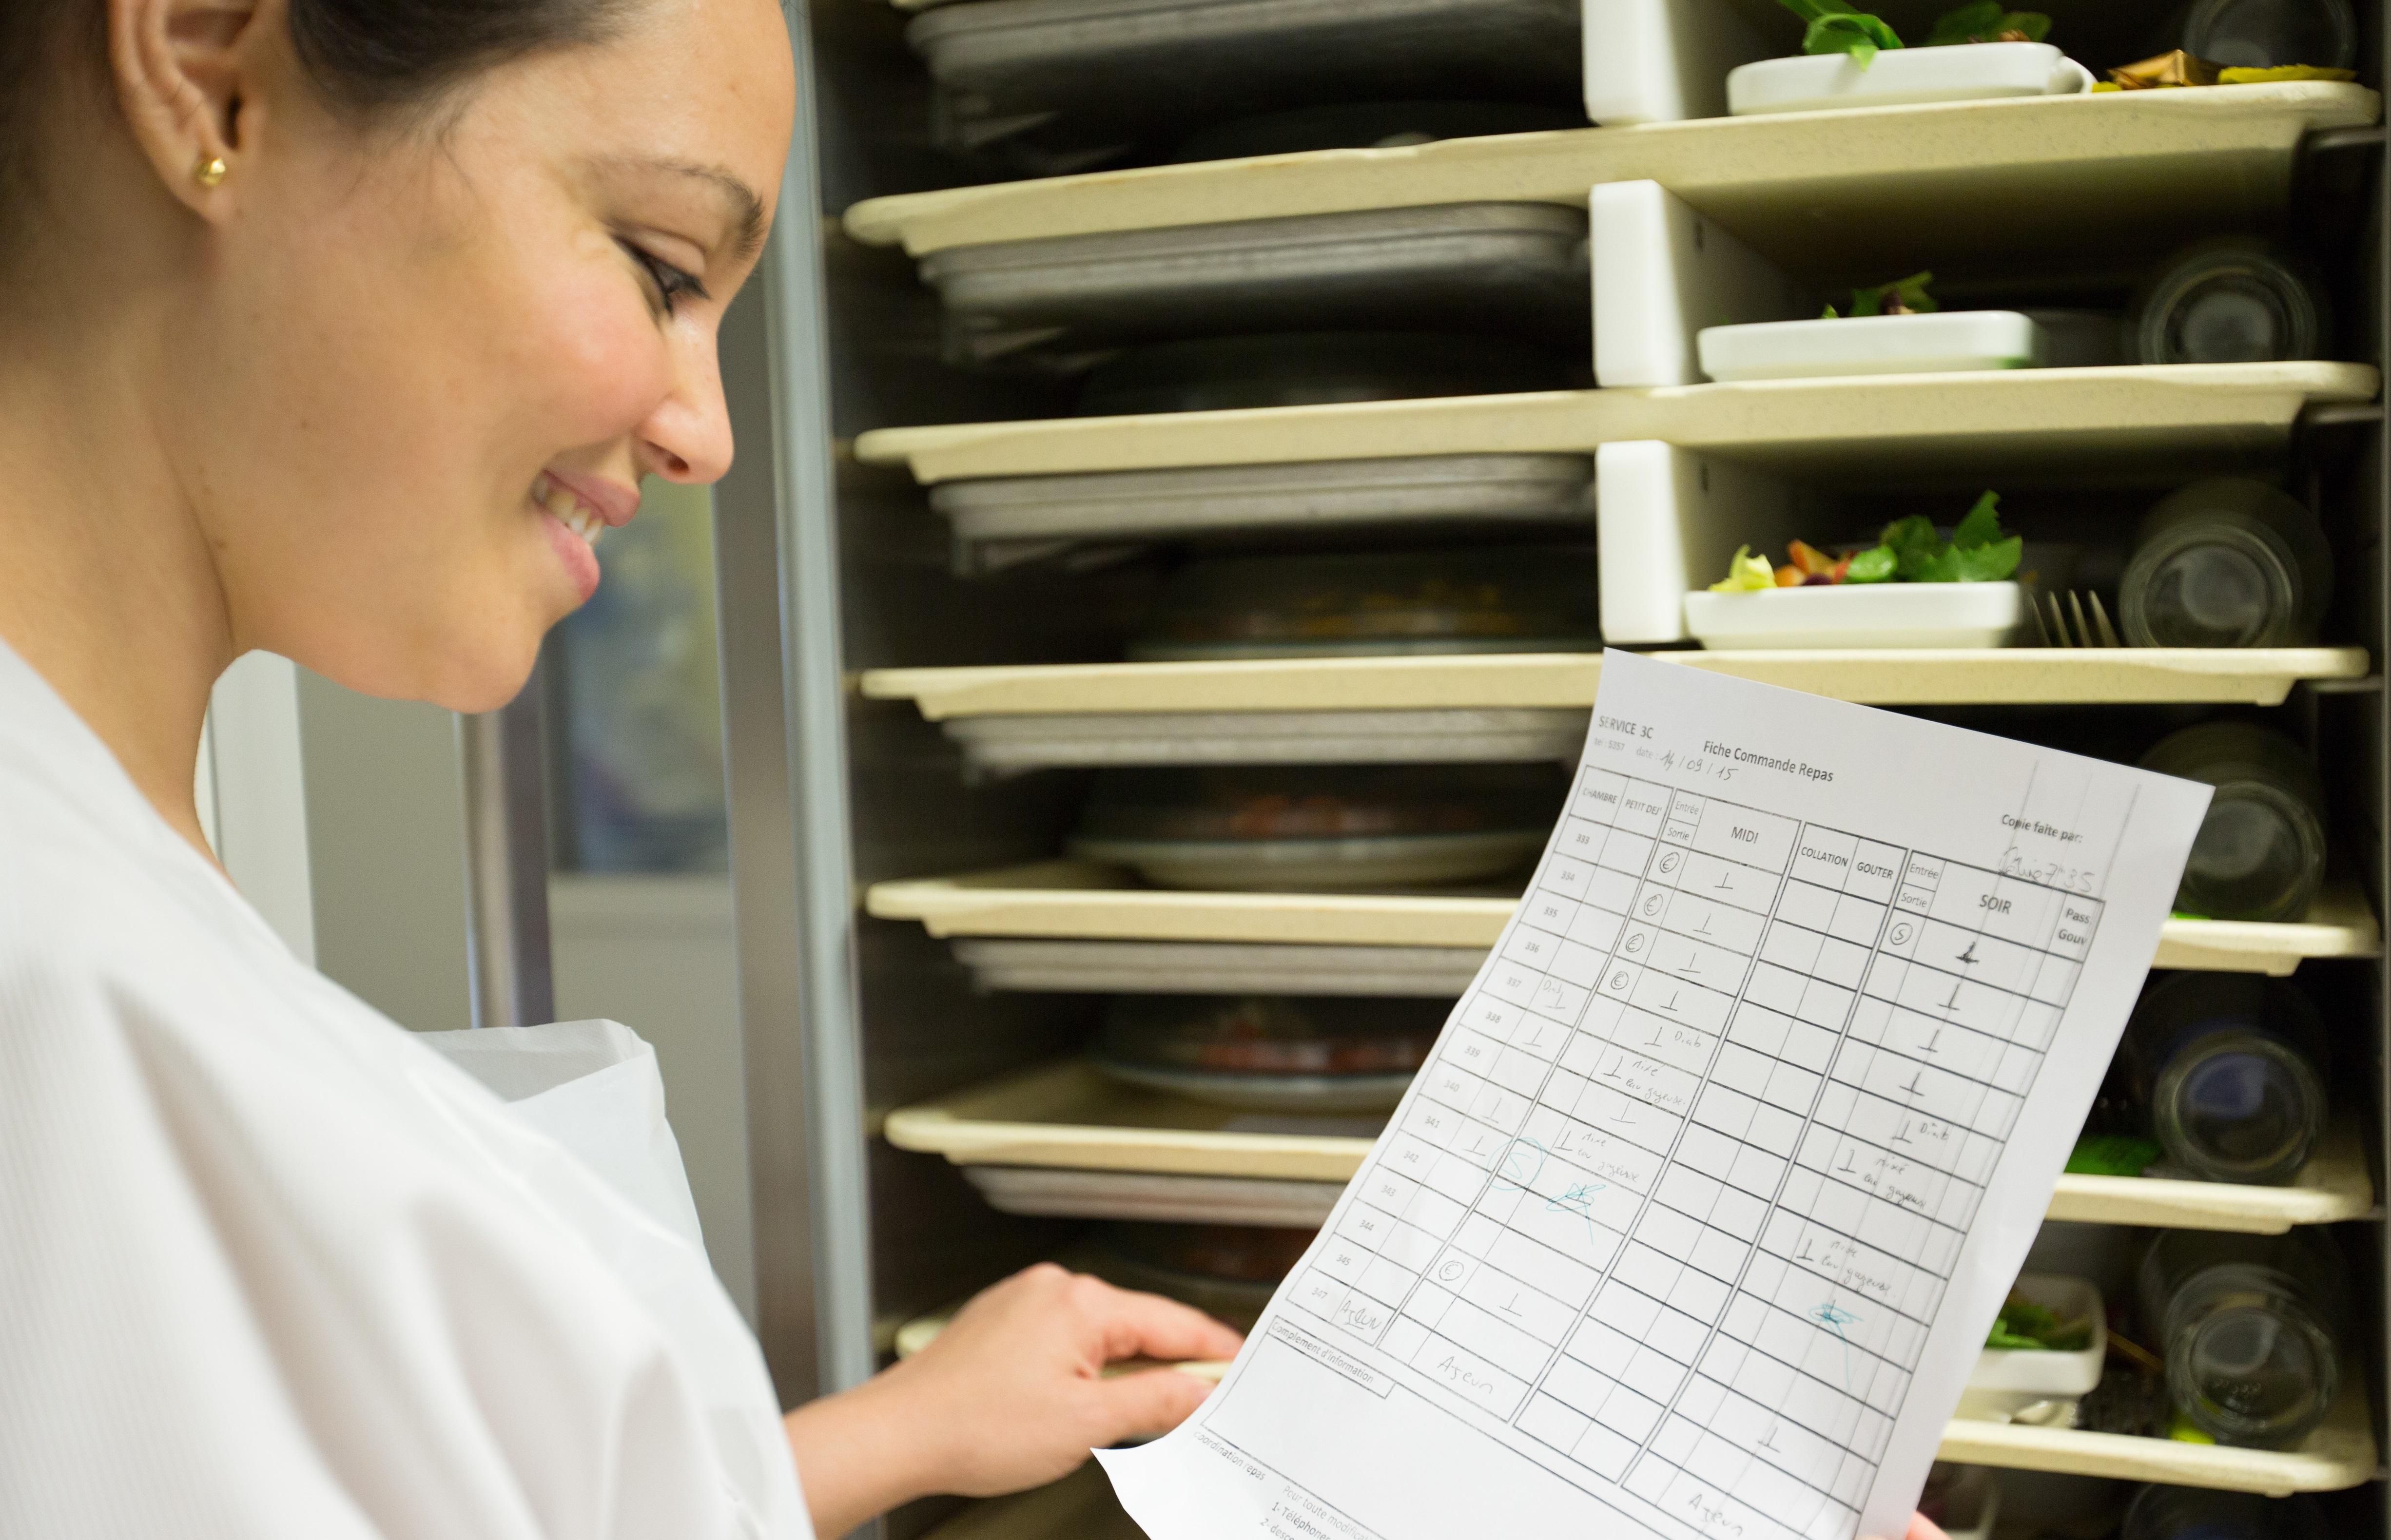 aide hoteliere distribution des repas